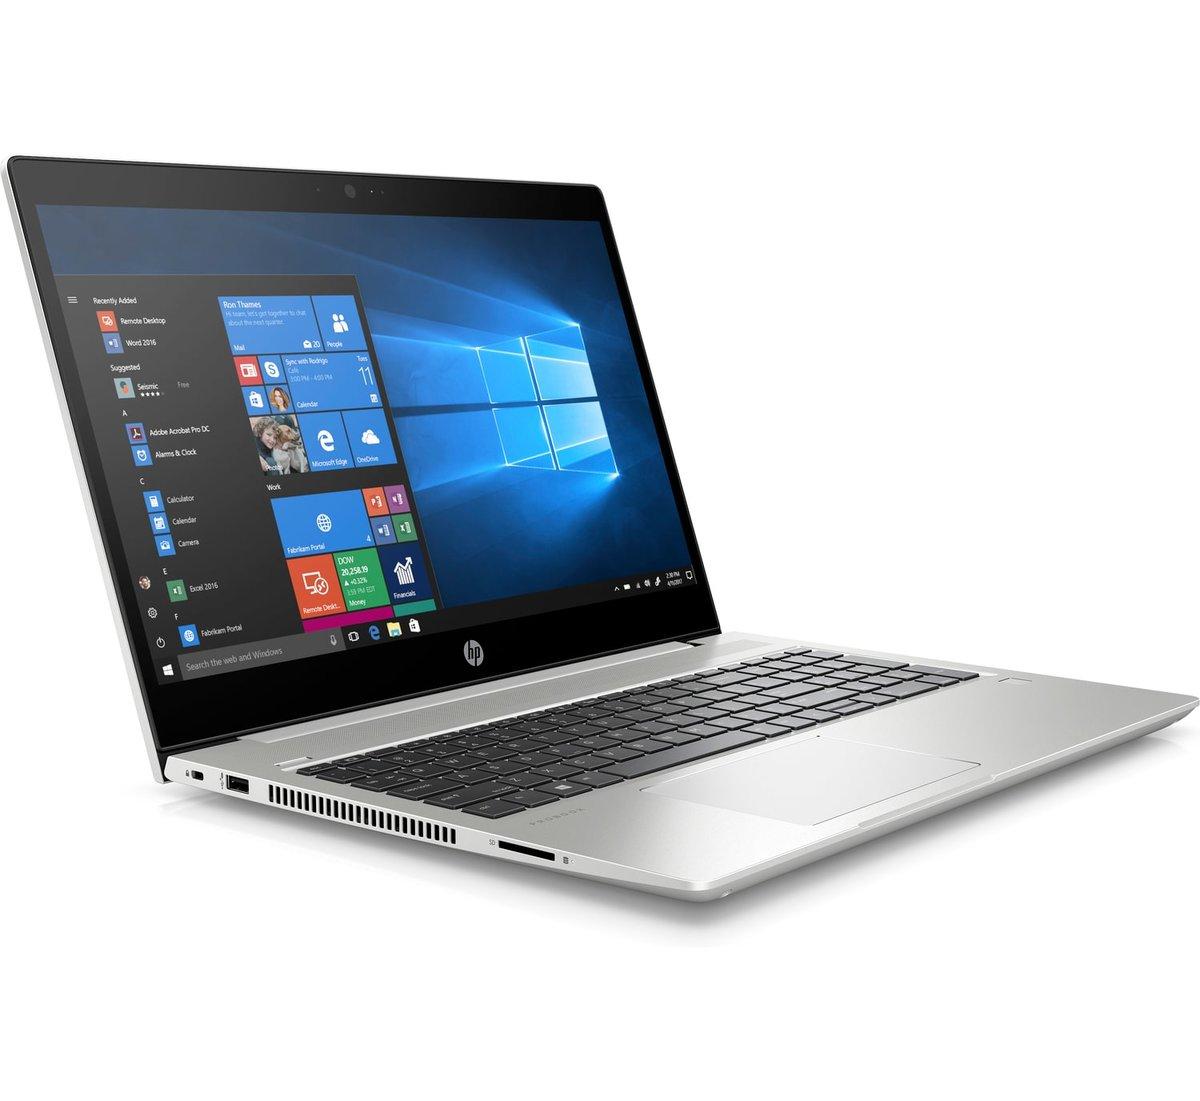 diapositive 3 sur 4,agrandir l'image, ordinateur portable hp probook 450 g6